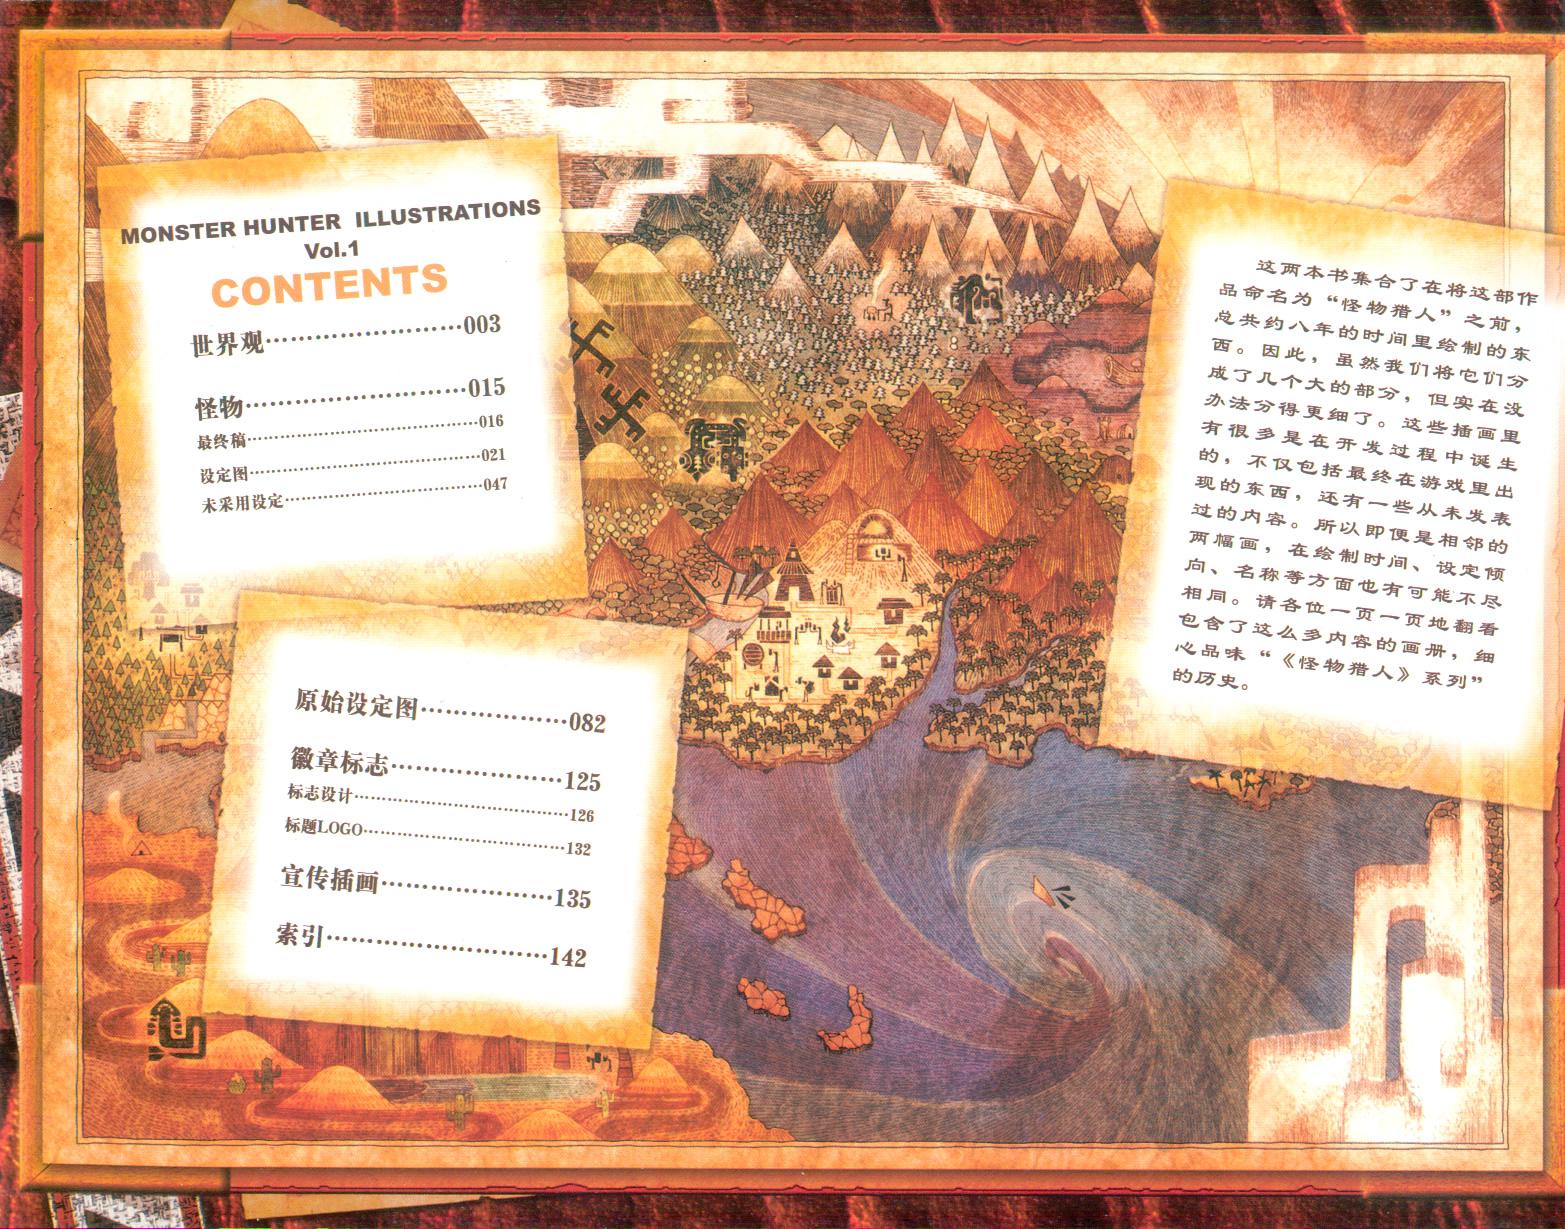 002_关注-游艺网GAME798海量资源下载怪物猎人终极画集.jpg